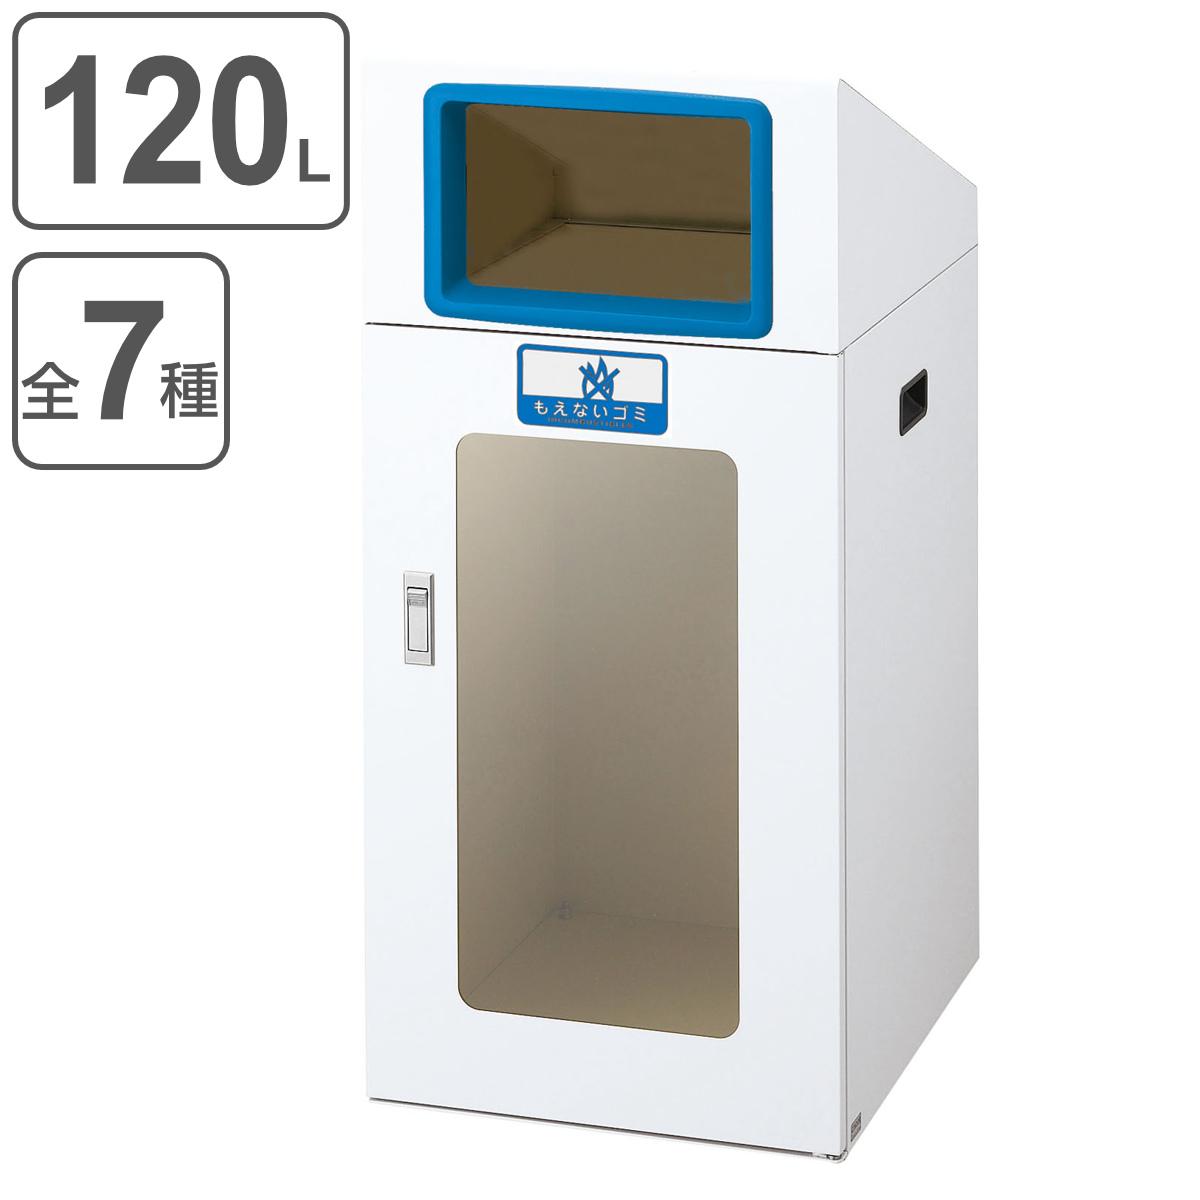 分別ゴミ箱 屋外用 リサイクルボックス TOS-90 ( 送料無料 ダストボックス 屑入れ 業務用 )